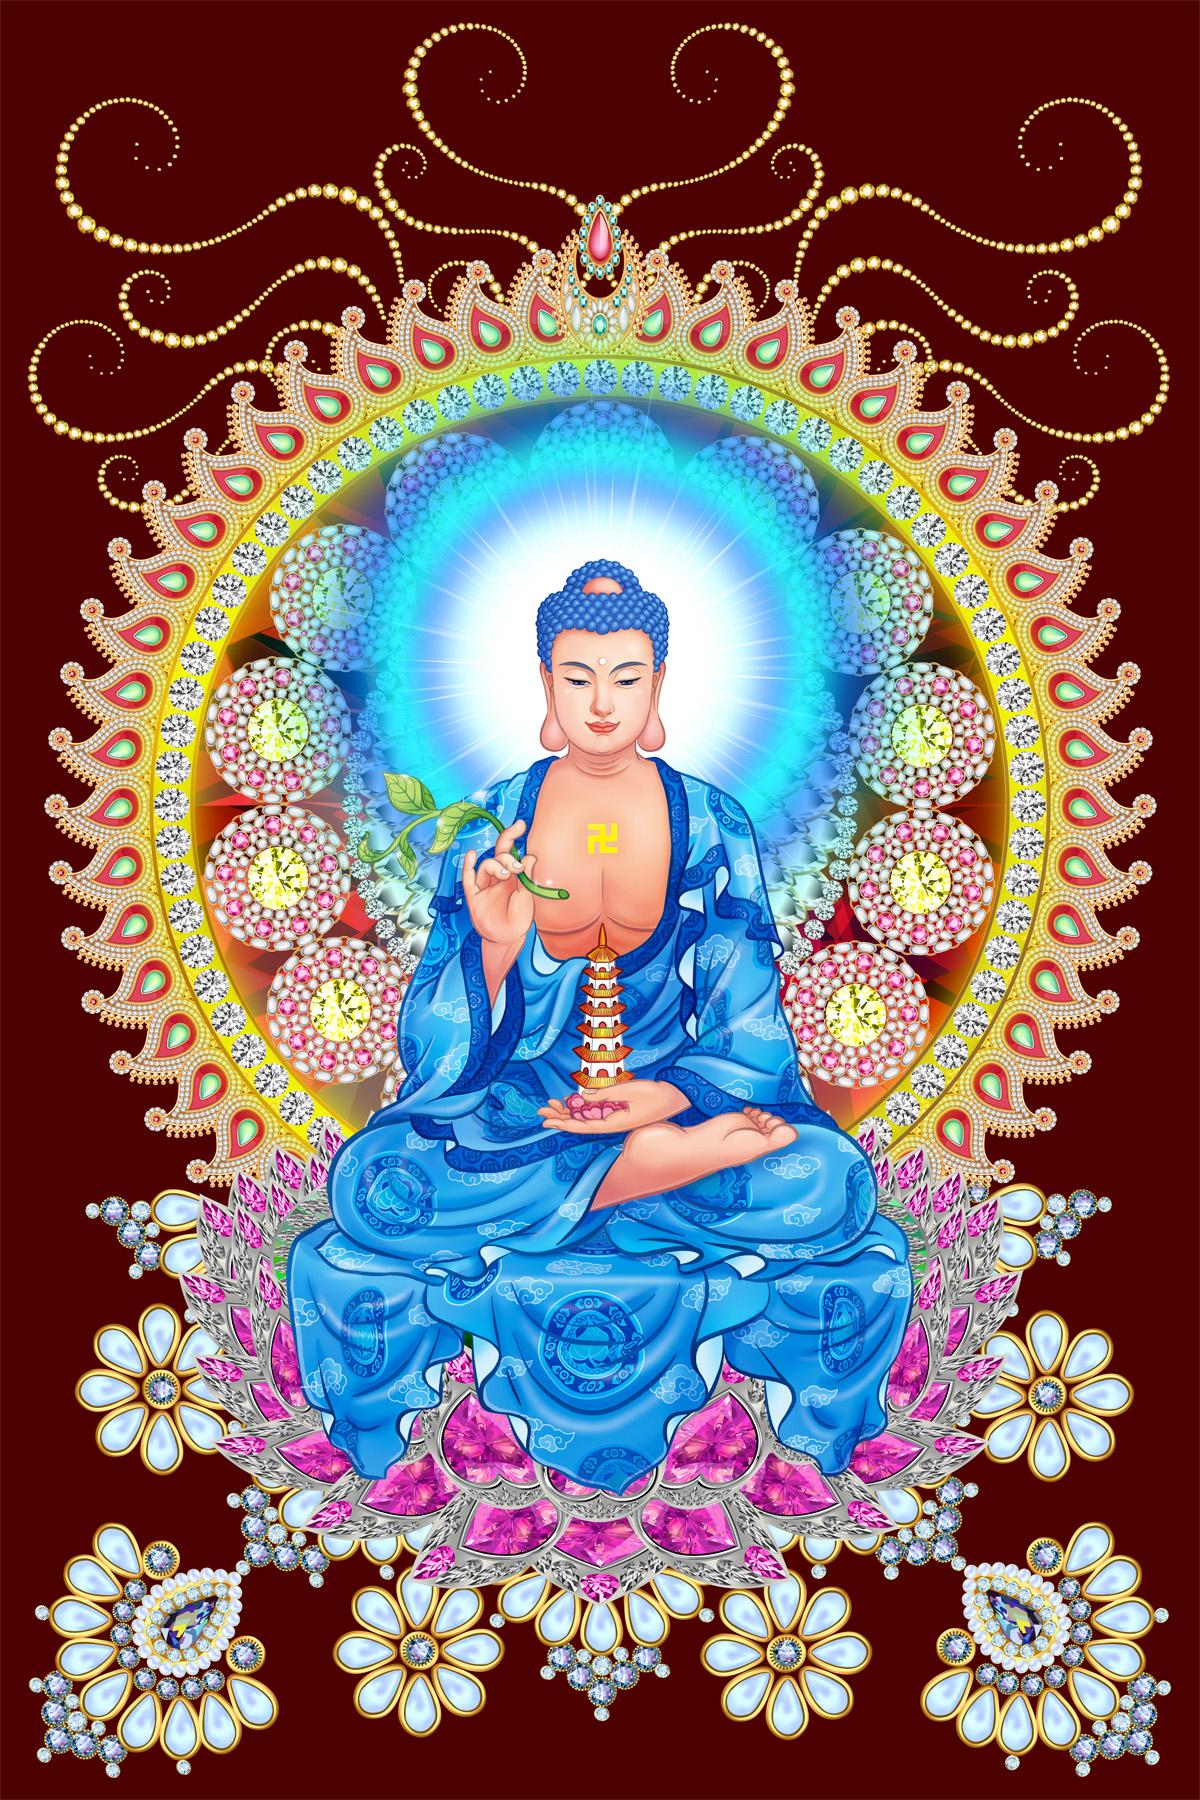 Tôn ảnh chất lượng cao Phật Dược Sư Lưu Ly Quang